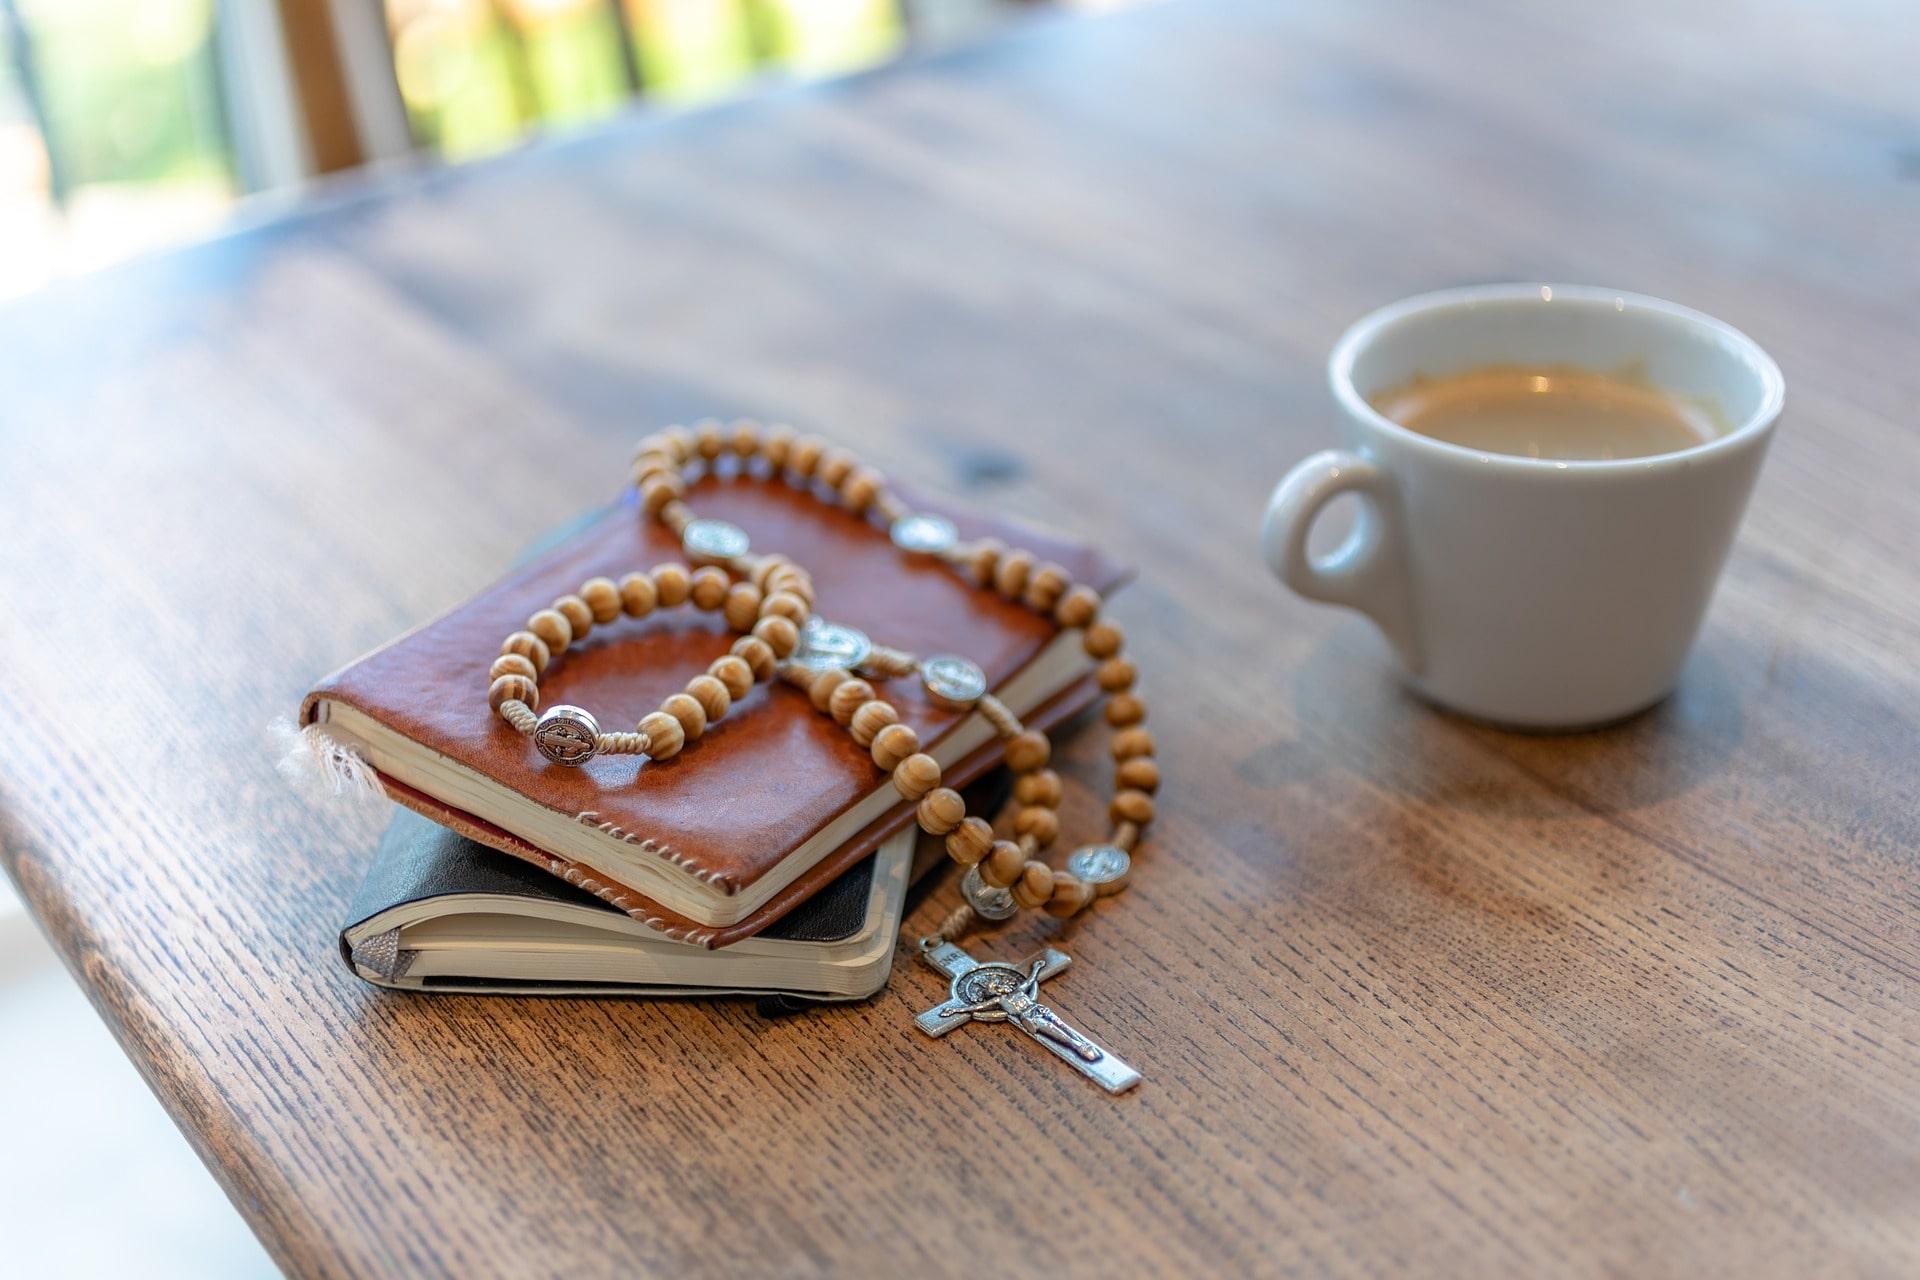 Kirchen Kaffee